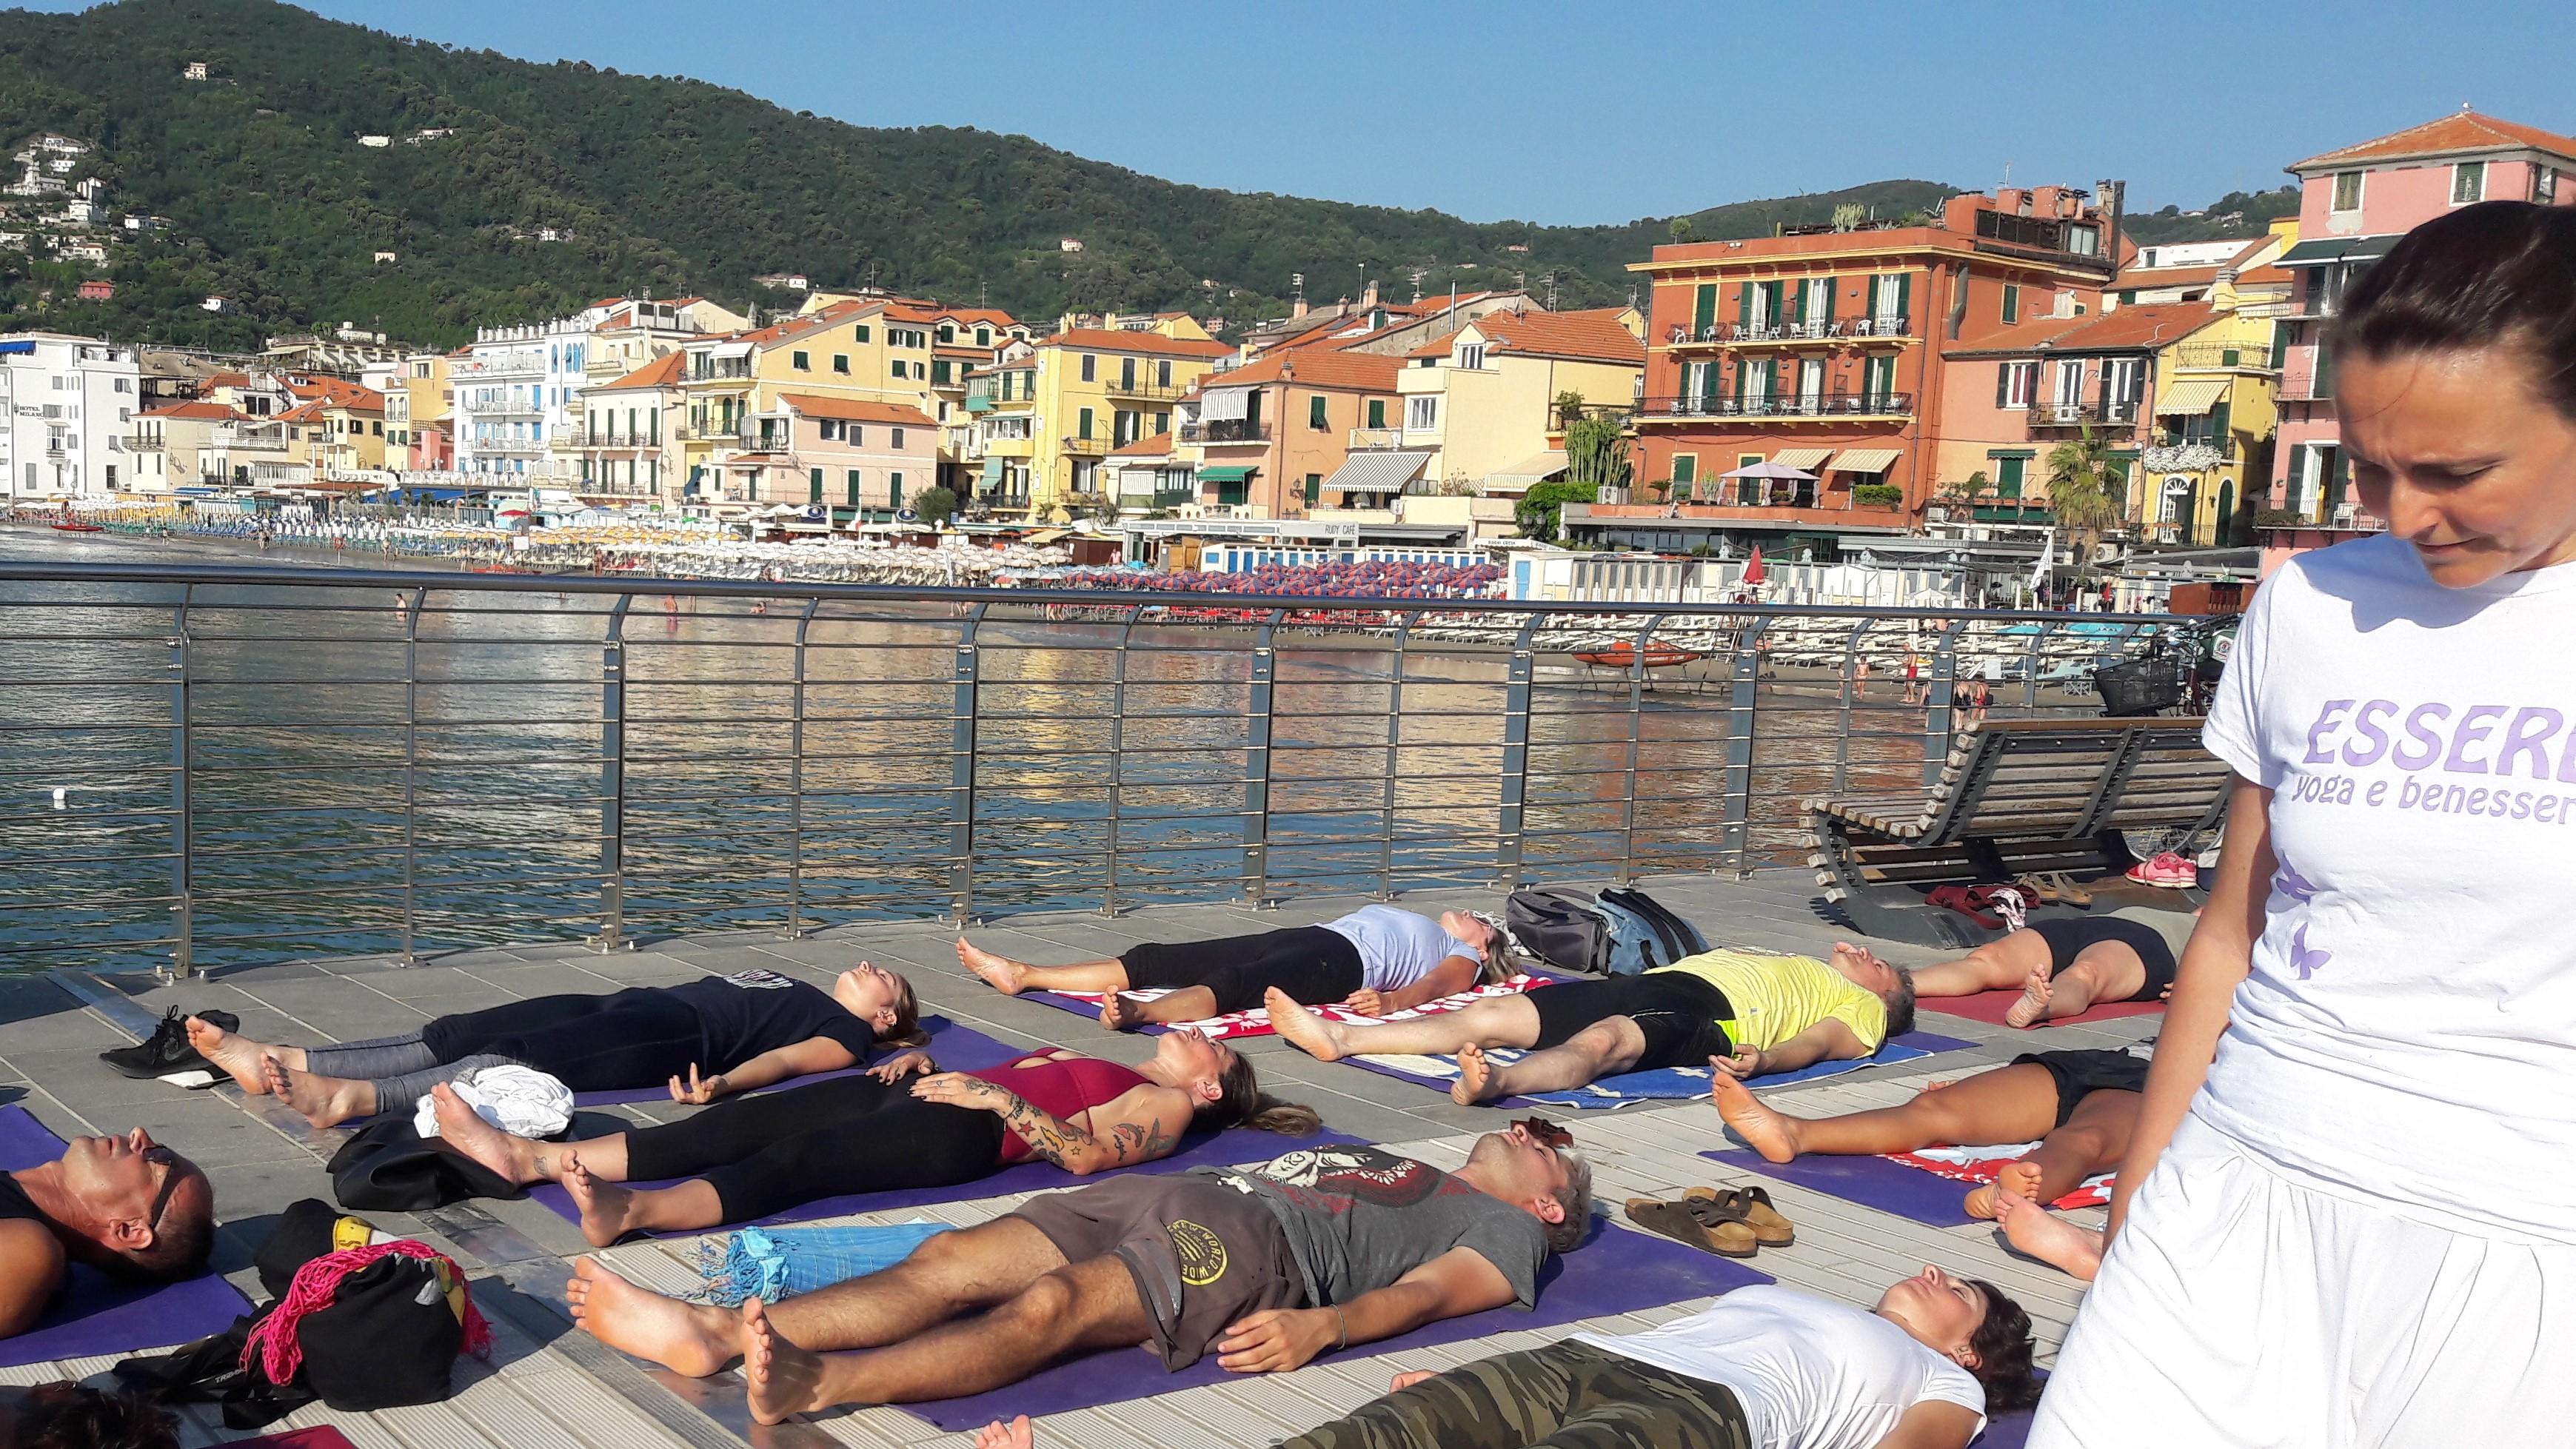 essere-free-yoga-gratuito-benessere-per-tutti-village-citta-alassio-estate-lucia-ragazzi-summer-town-wellness-8.